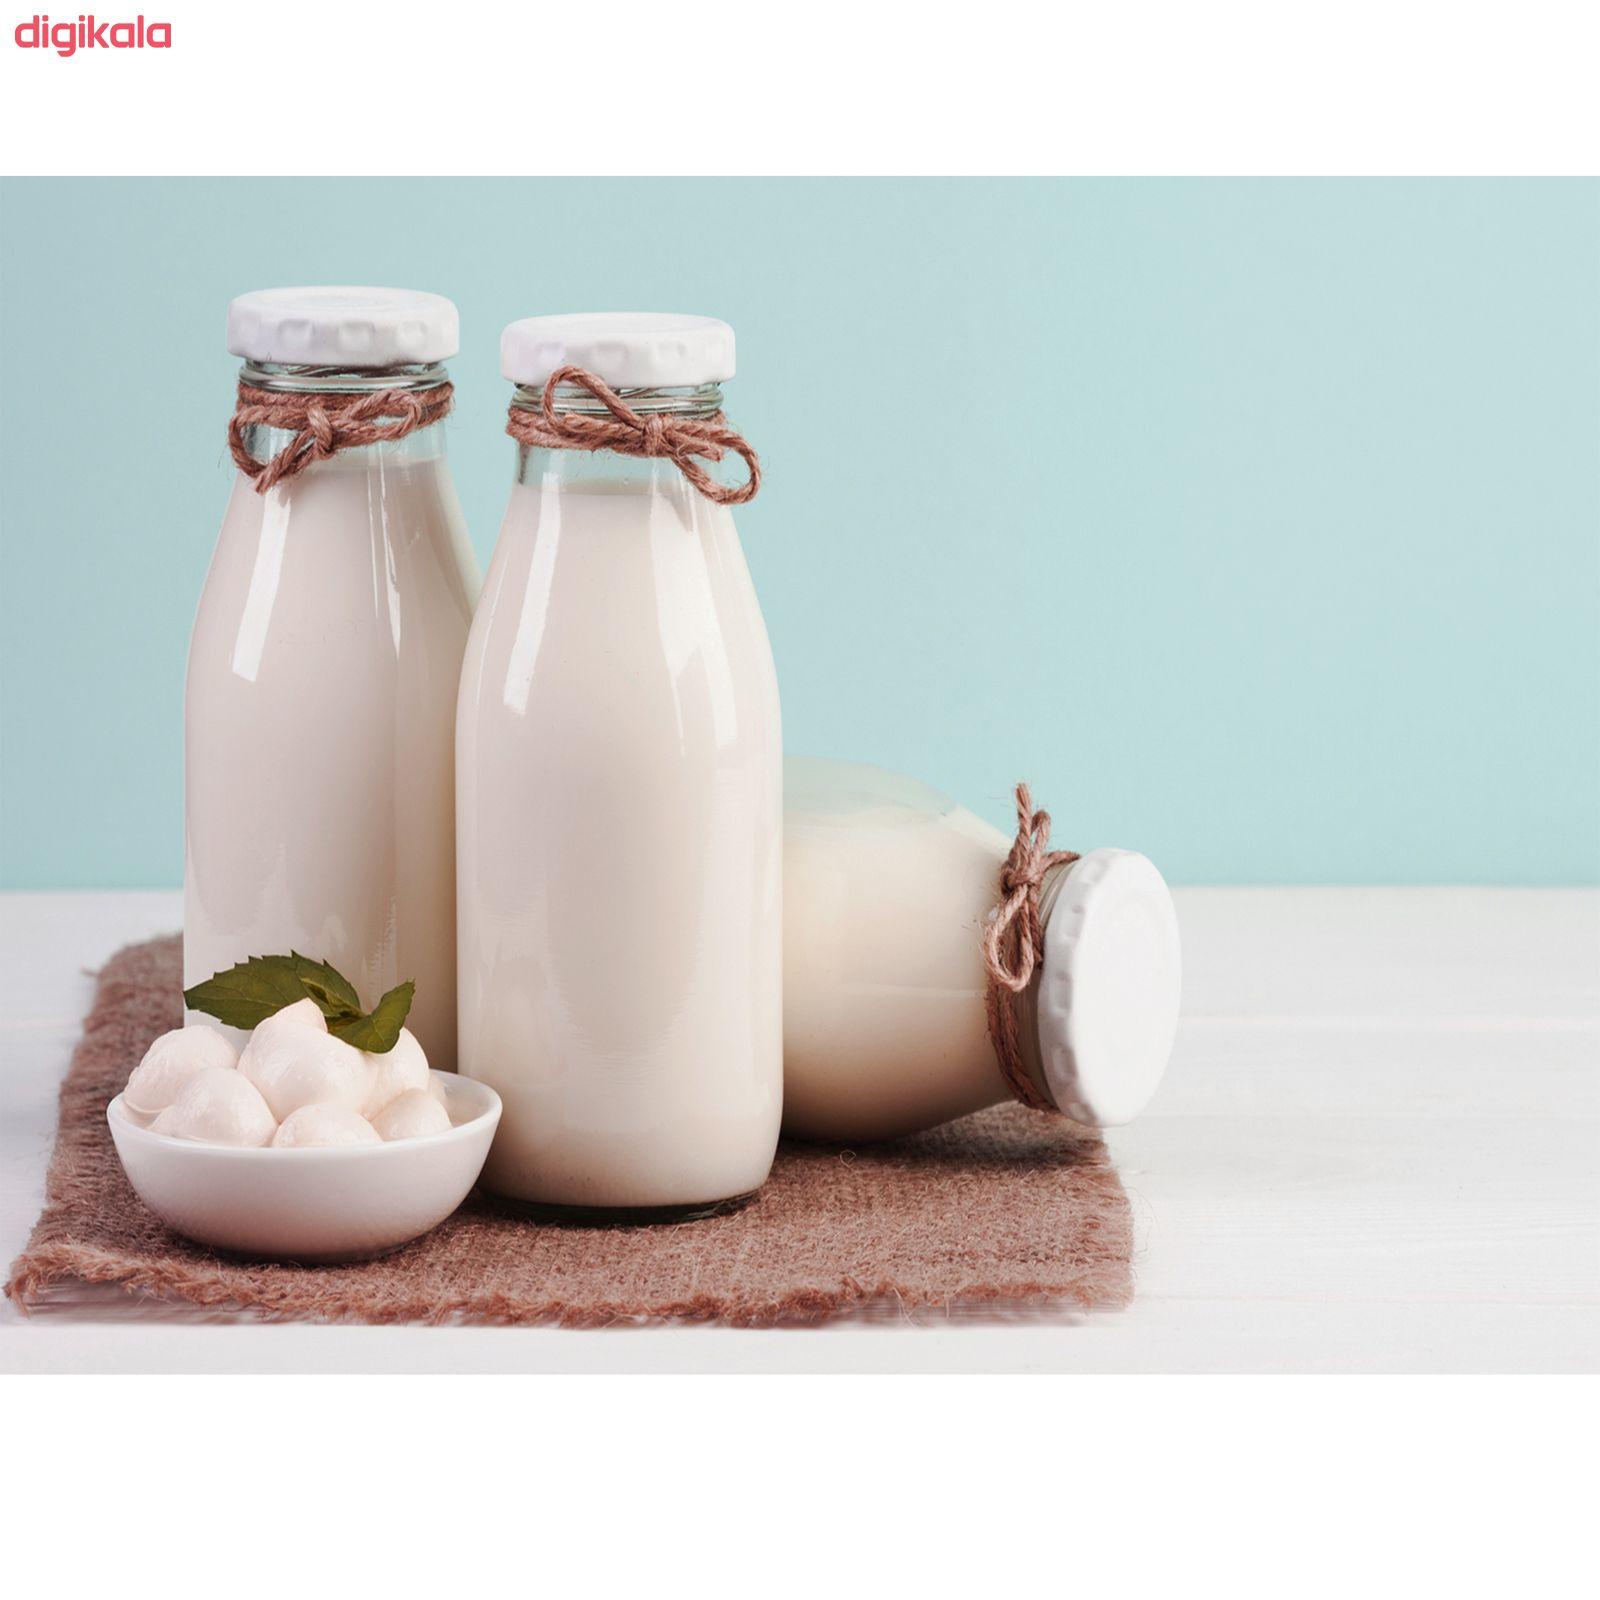 شیر کم چرب فرادما کاله مقدار 1 لیتر main 1 6